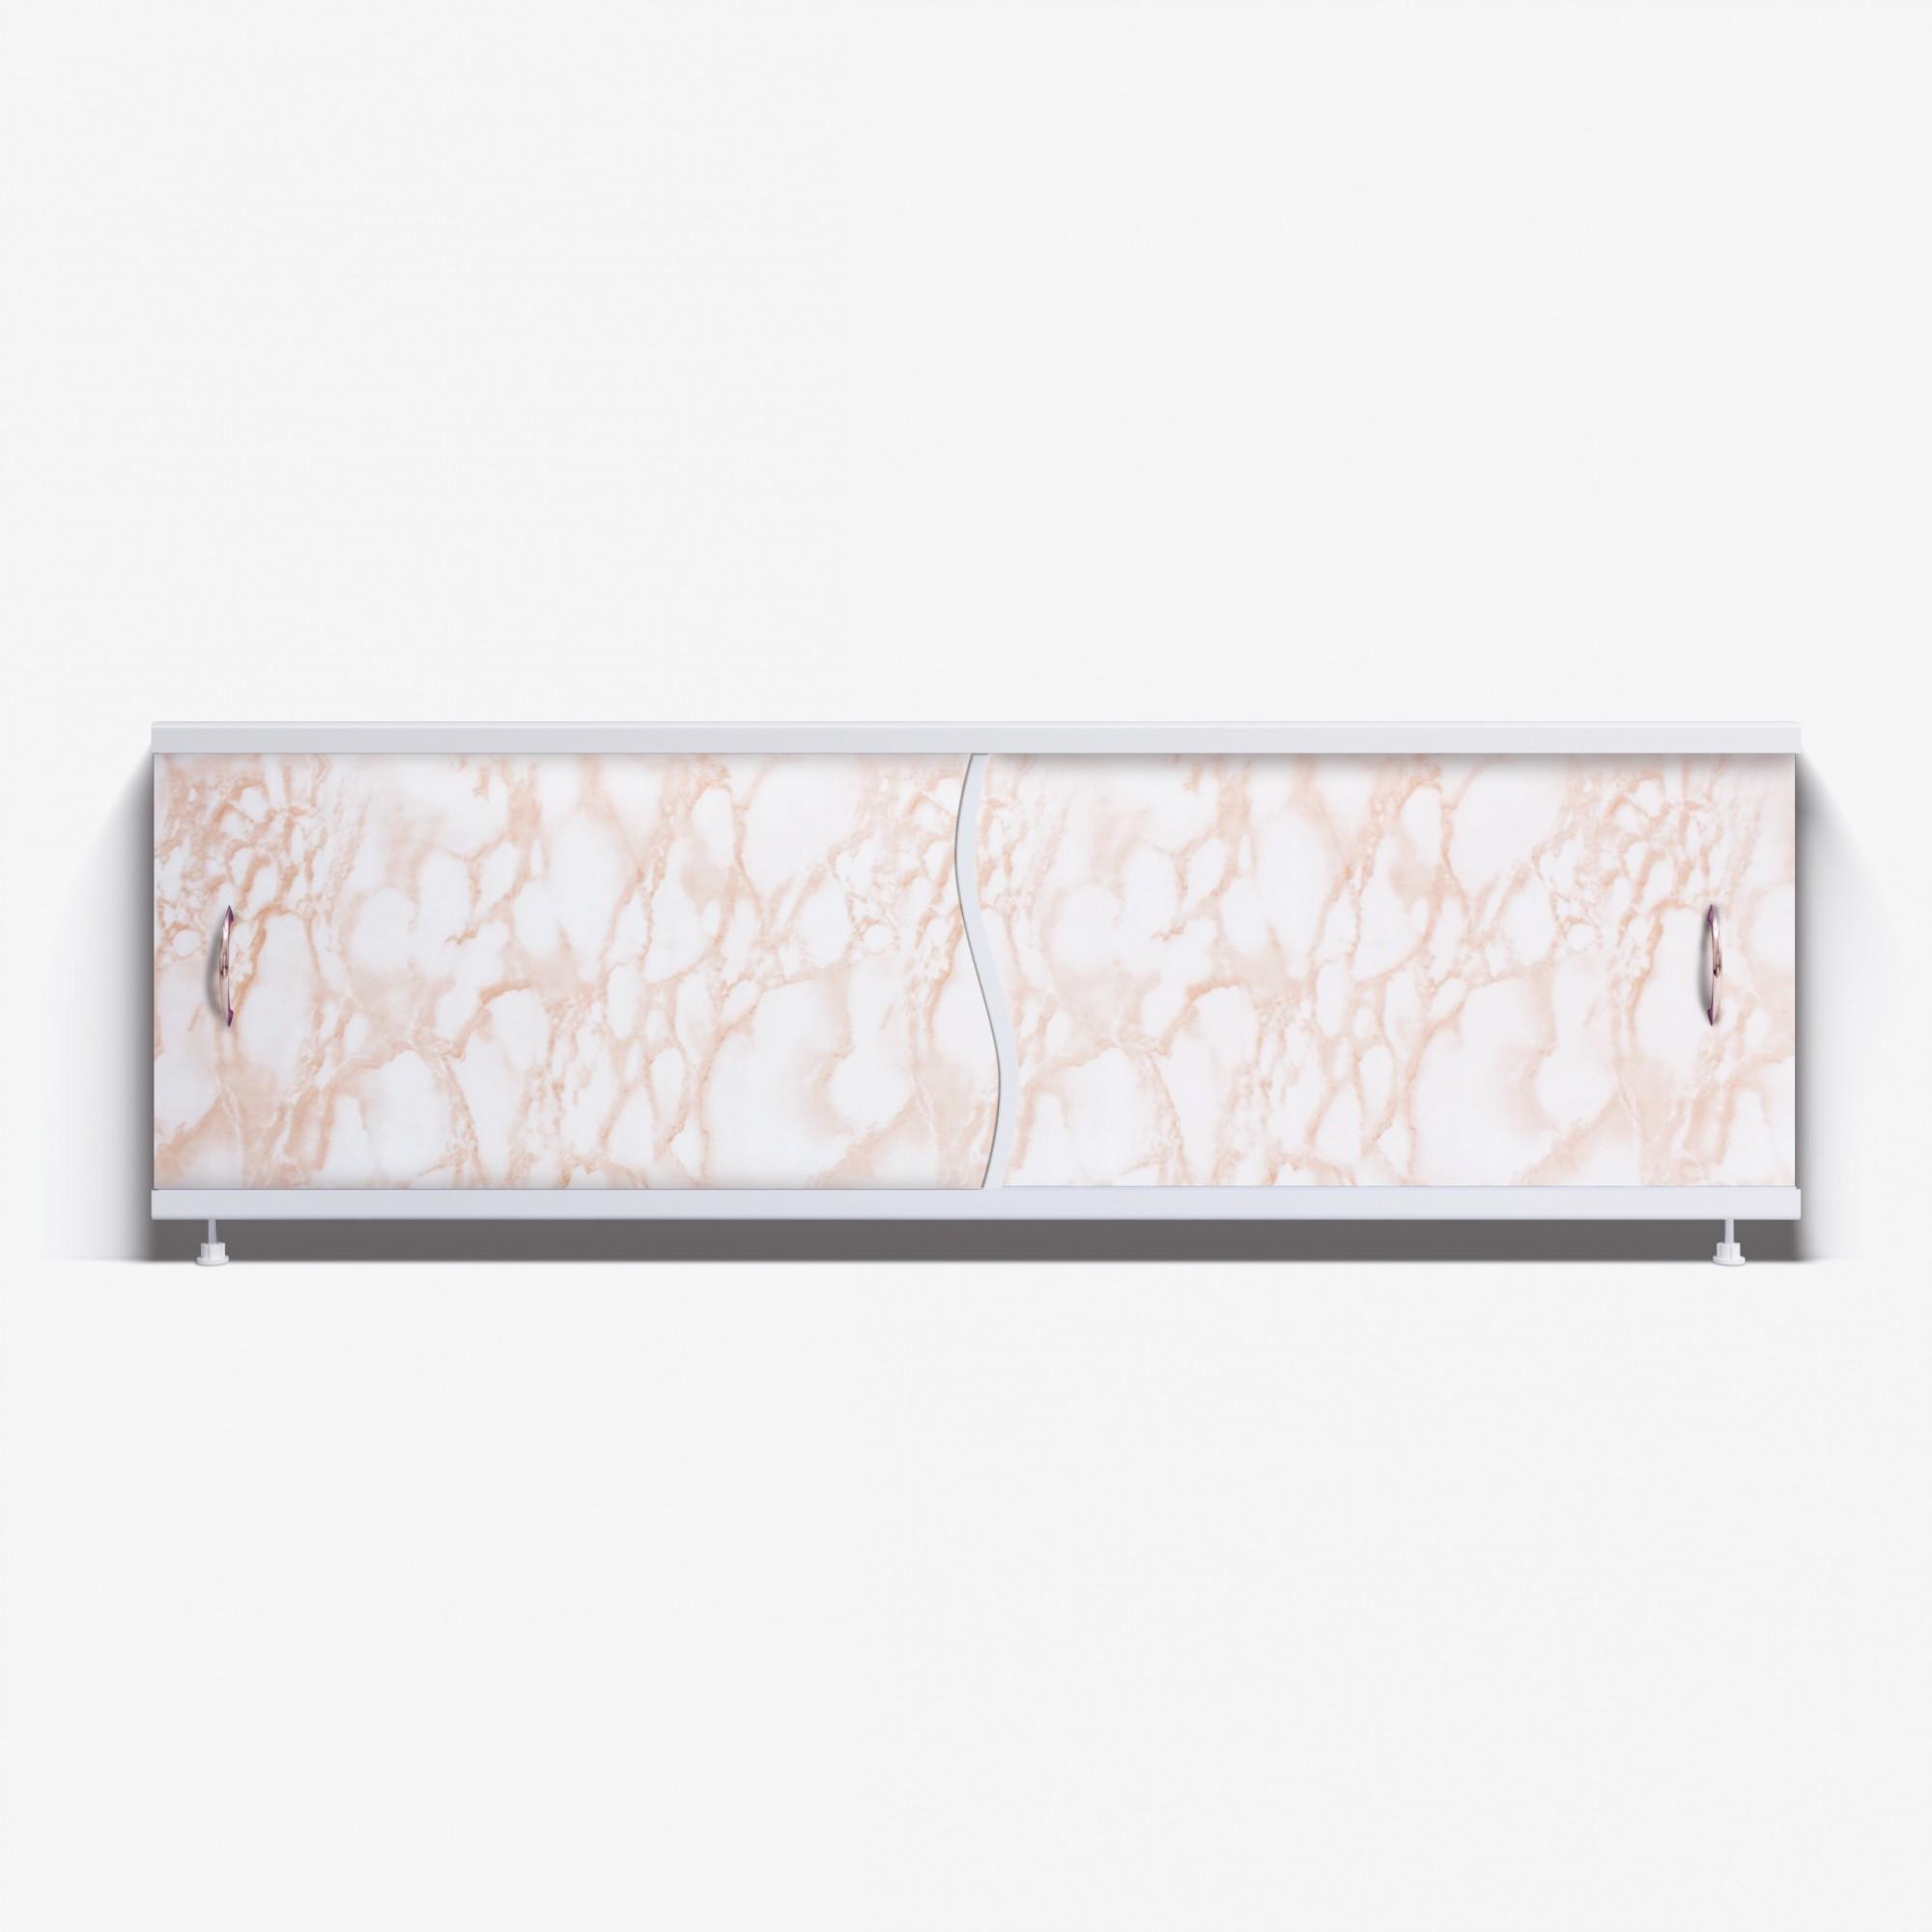 Экран под ванну Премьер 170 кремовый мрамор